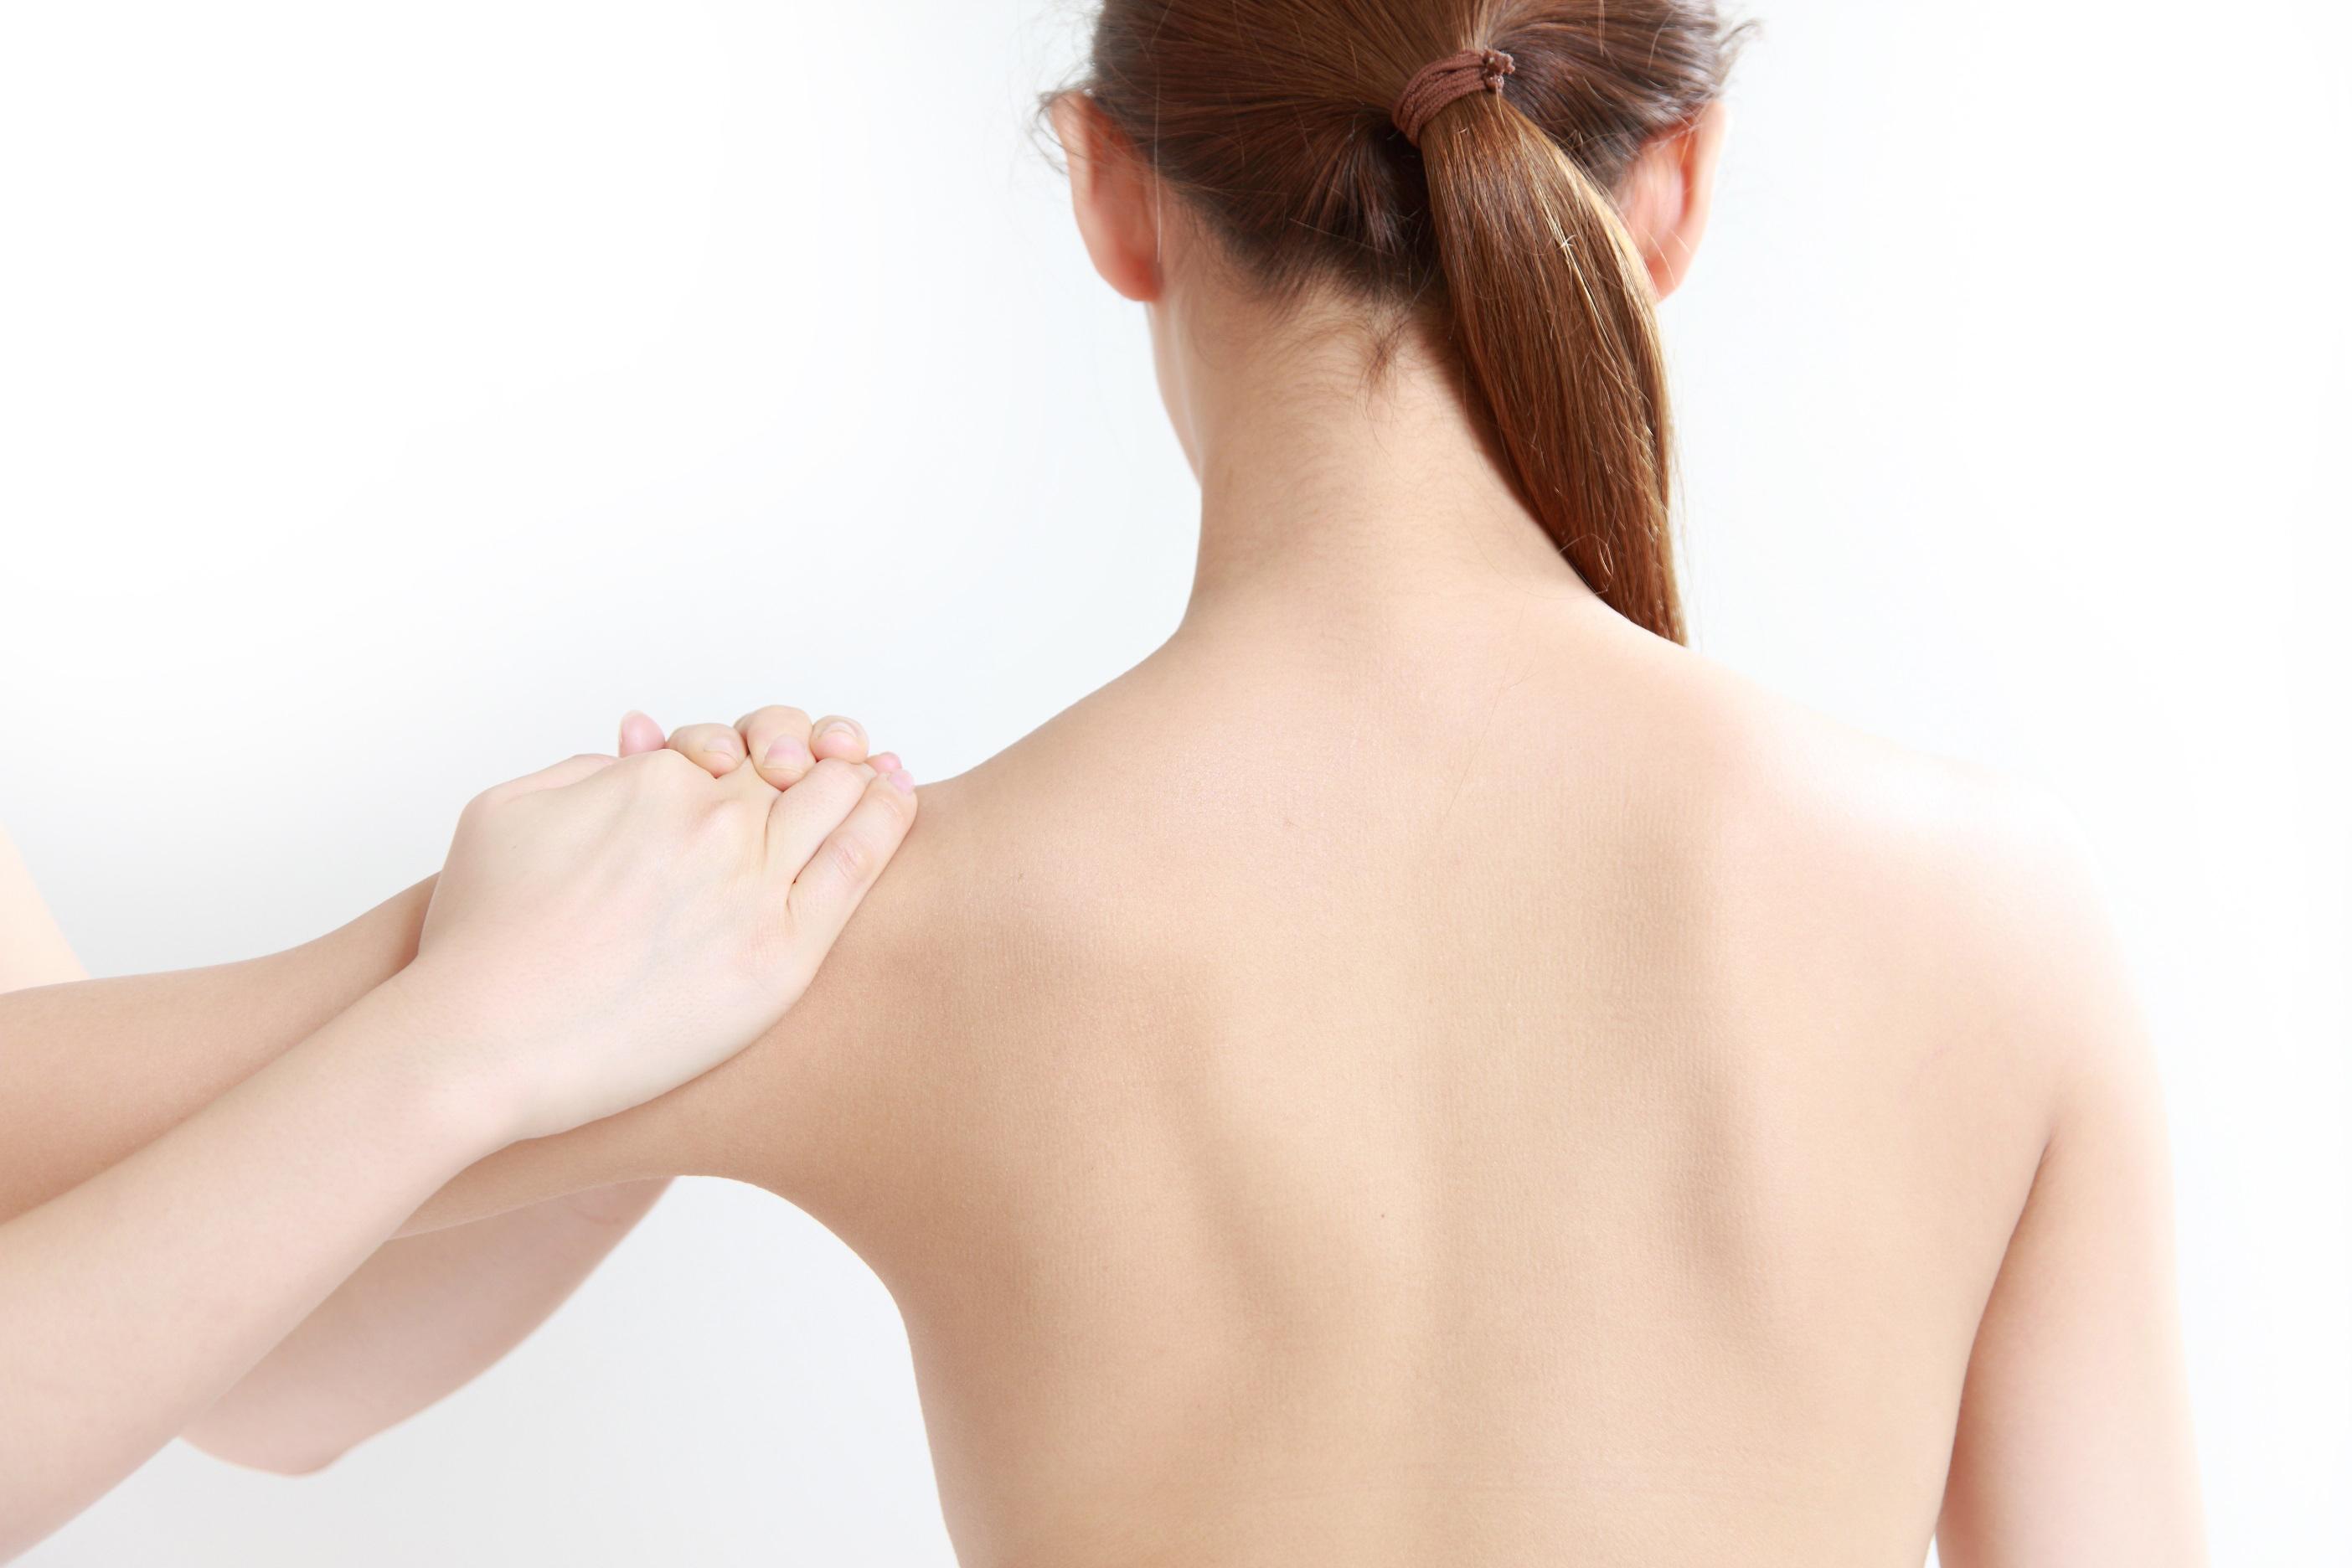 girl's spine